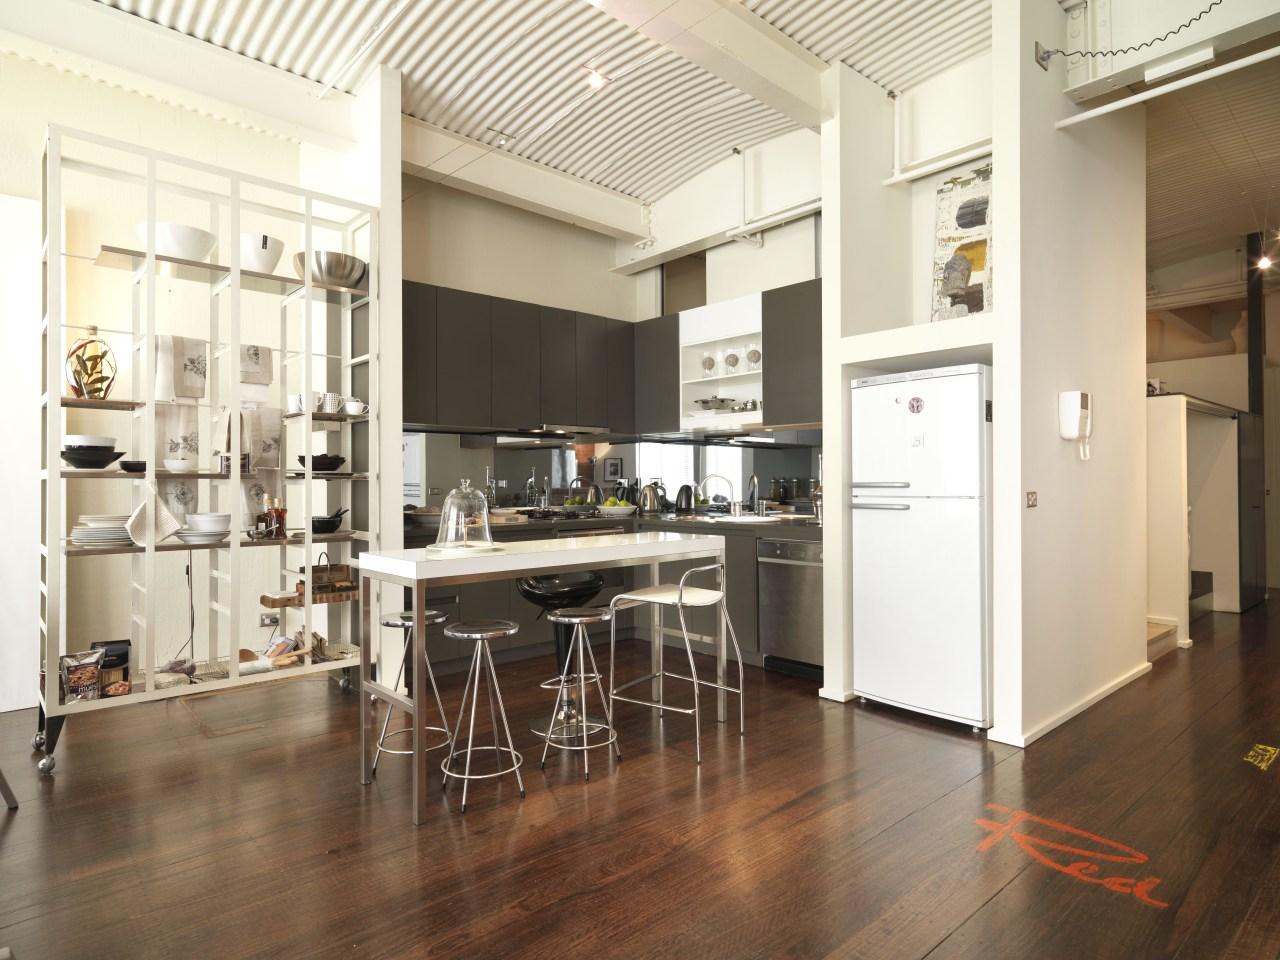 View of kitchen area with dark-stained timber flooring, floor, flooring, interior design, kitchen, loft, wood flooring, white, brown